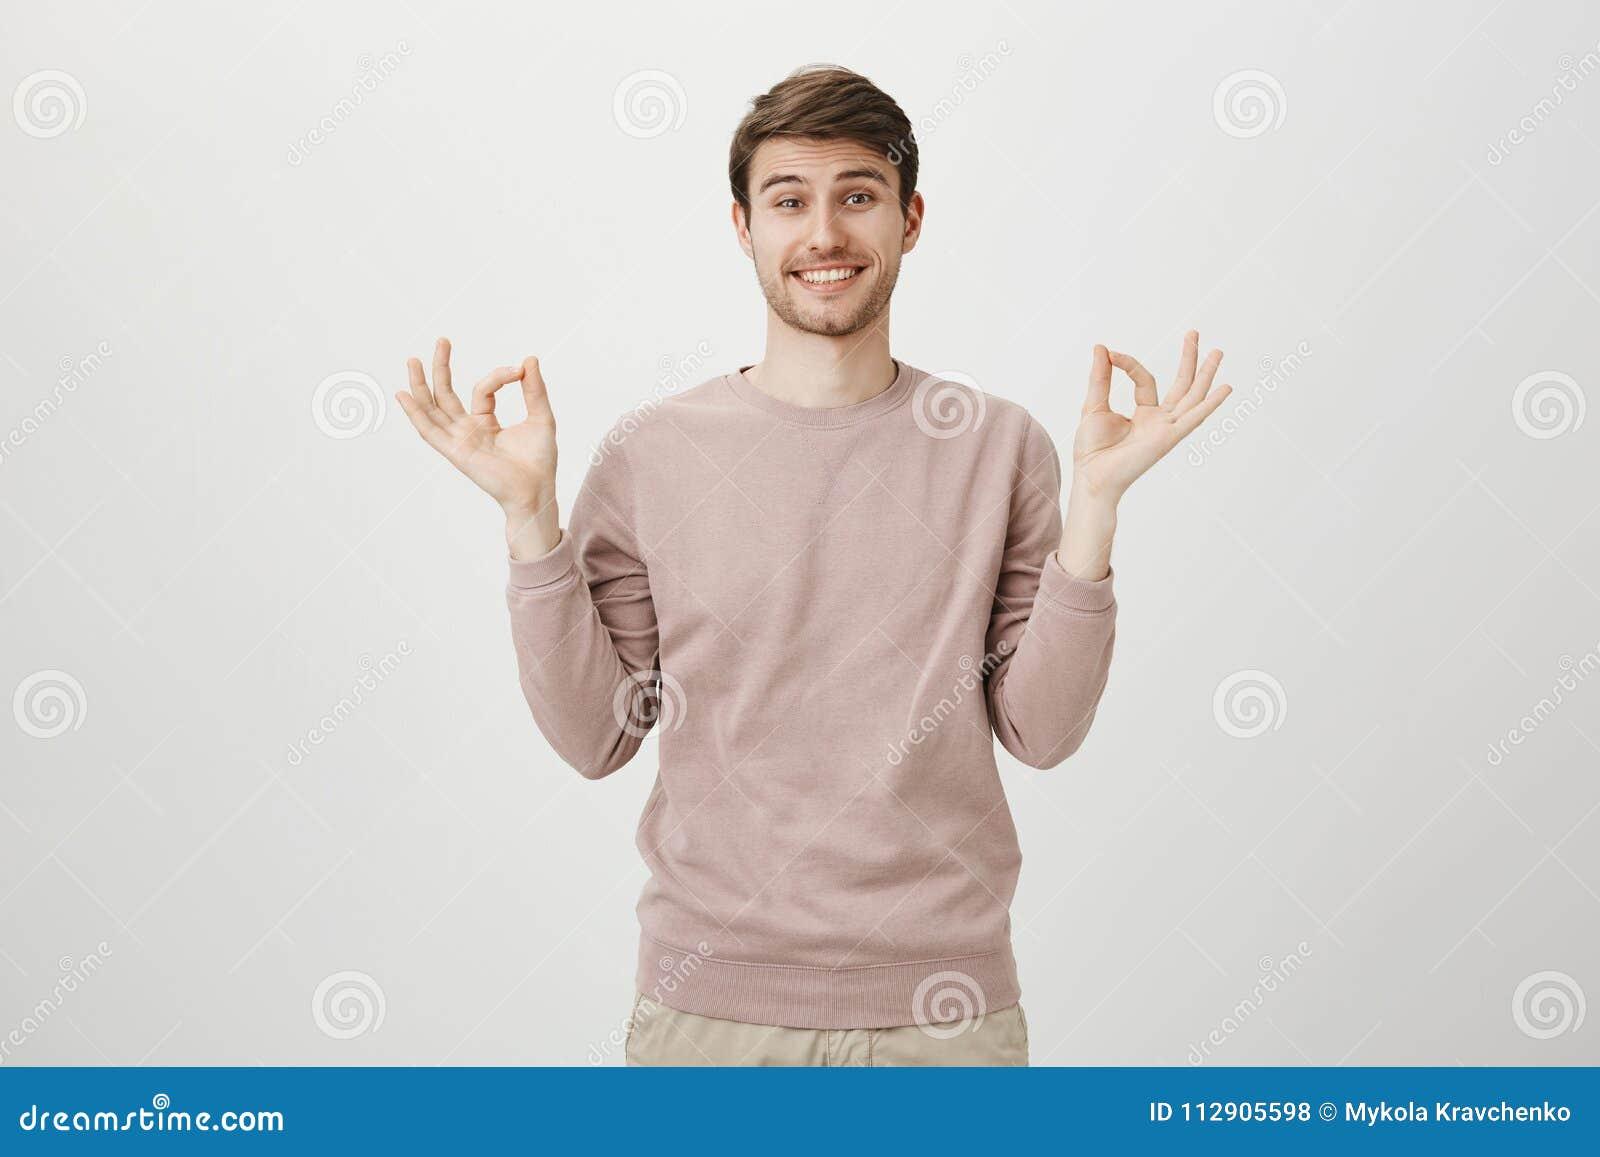 Charmerend de jonge mens met heldere glimlach en varkenshaar, die toevallige o.k. trui en tonen of zen gebaar dragen terwijl stat